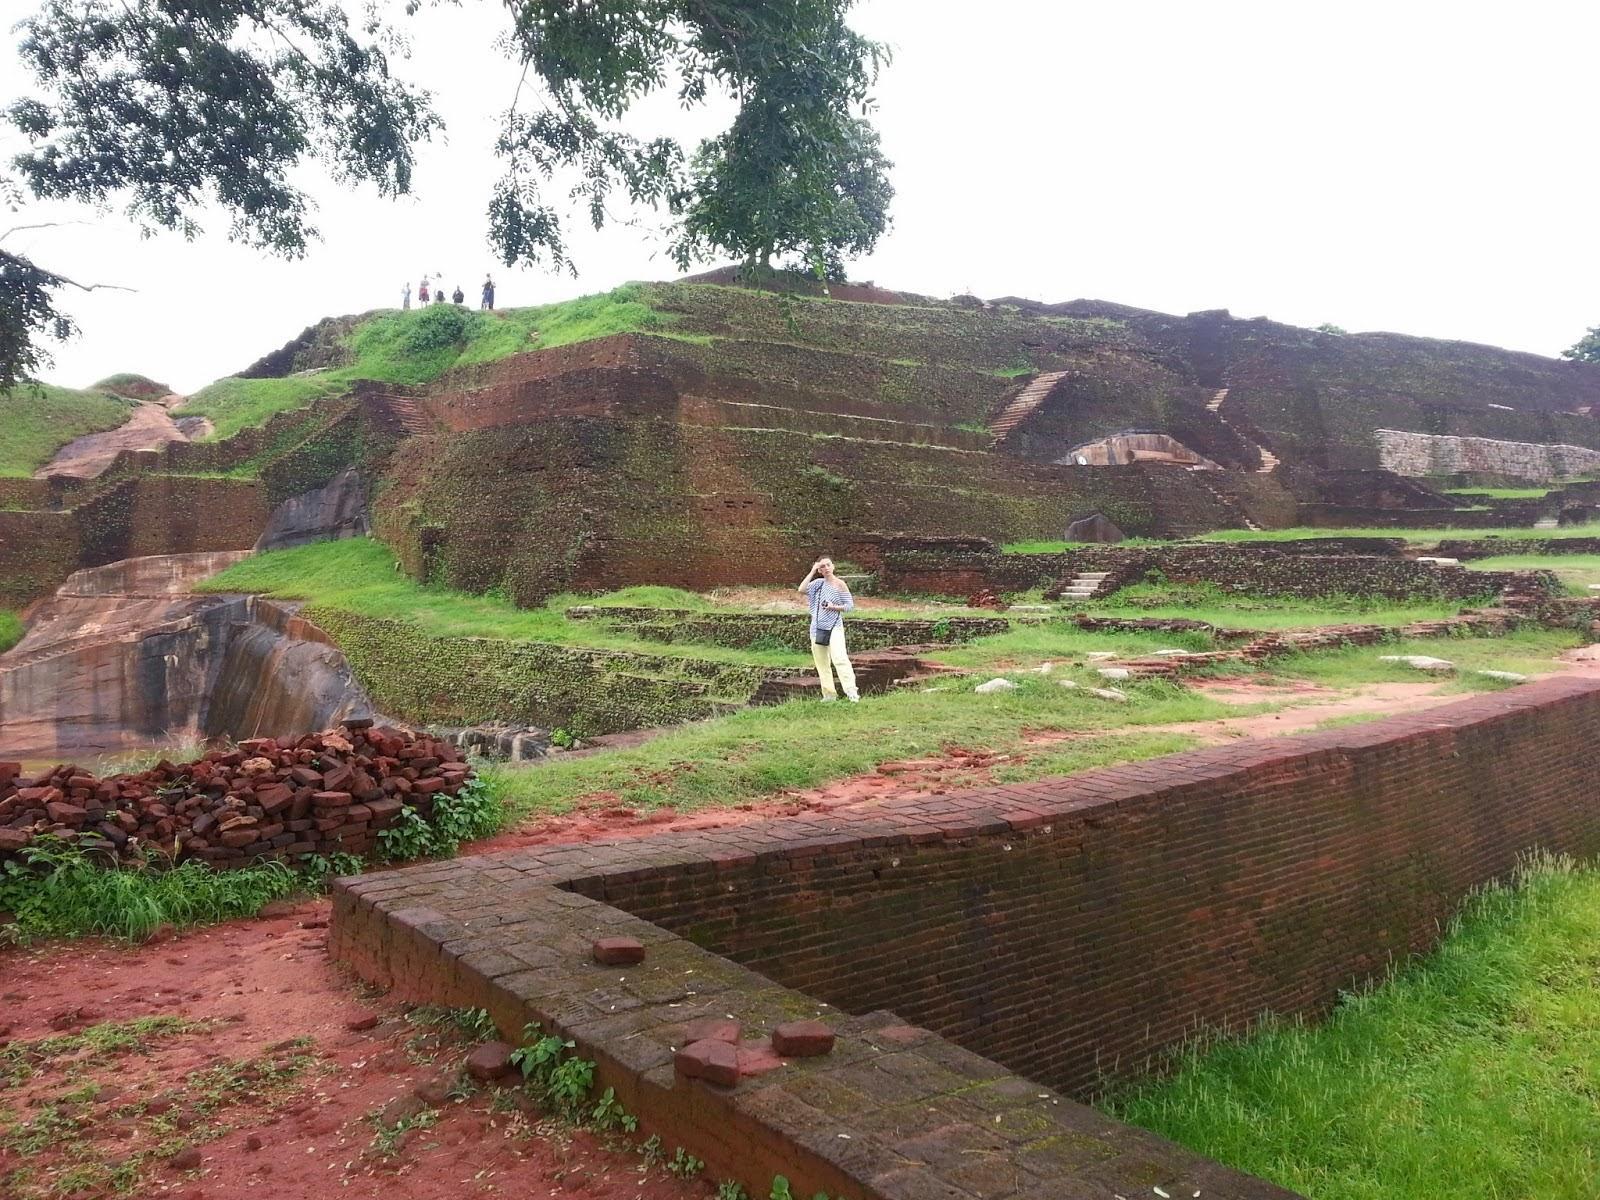 Сигирия, пирамида на вершине скалы, каменный трон красного гранита, свидетельства продвинутых технологий древних цивилизаций